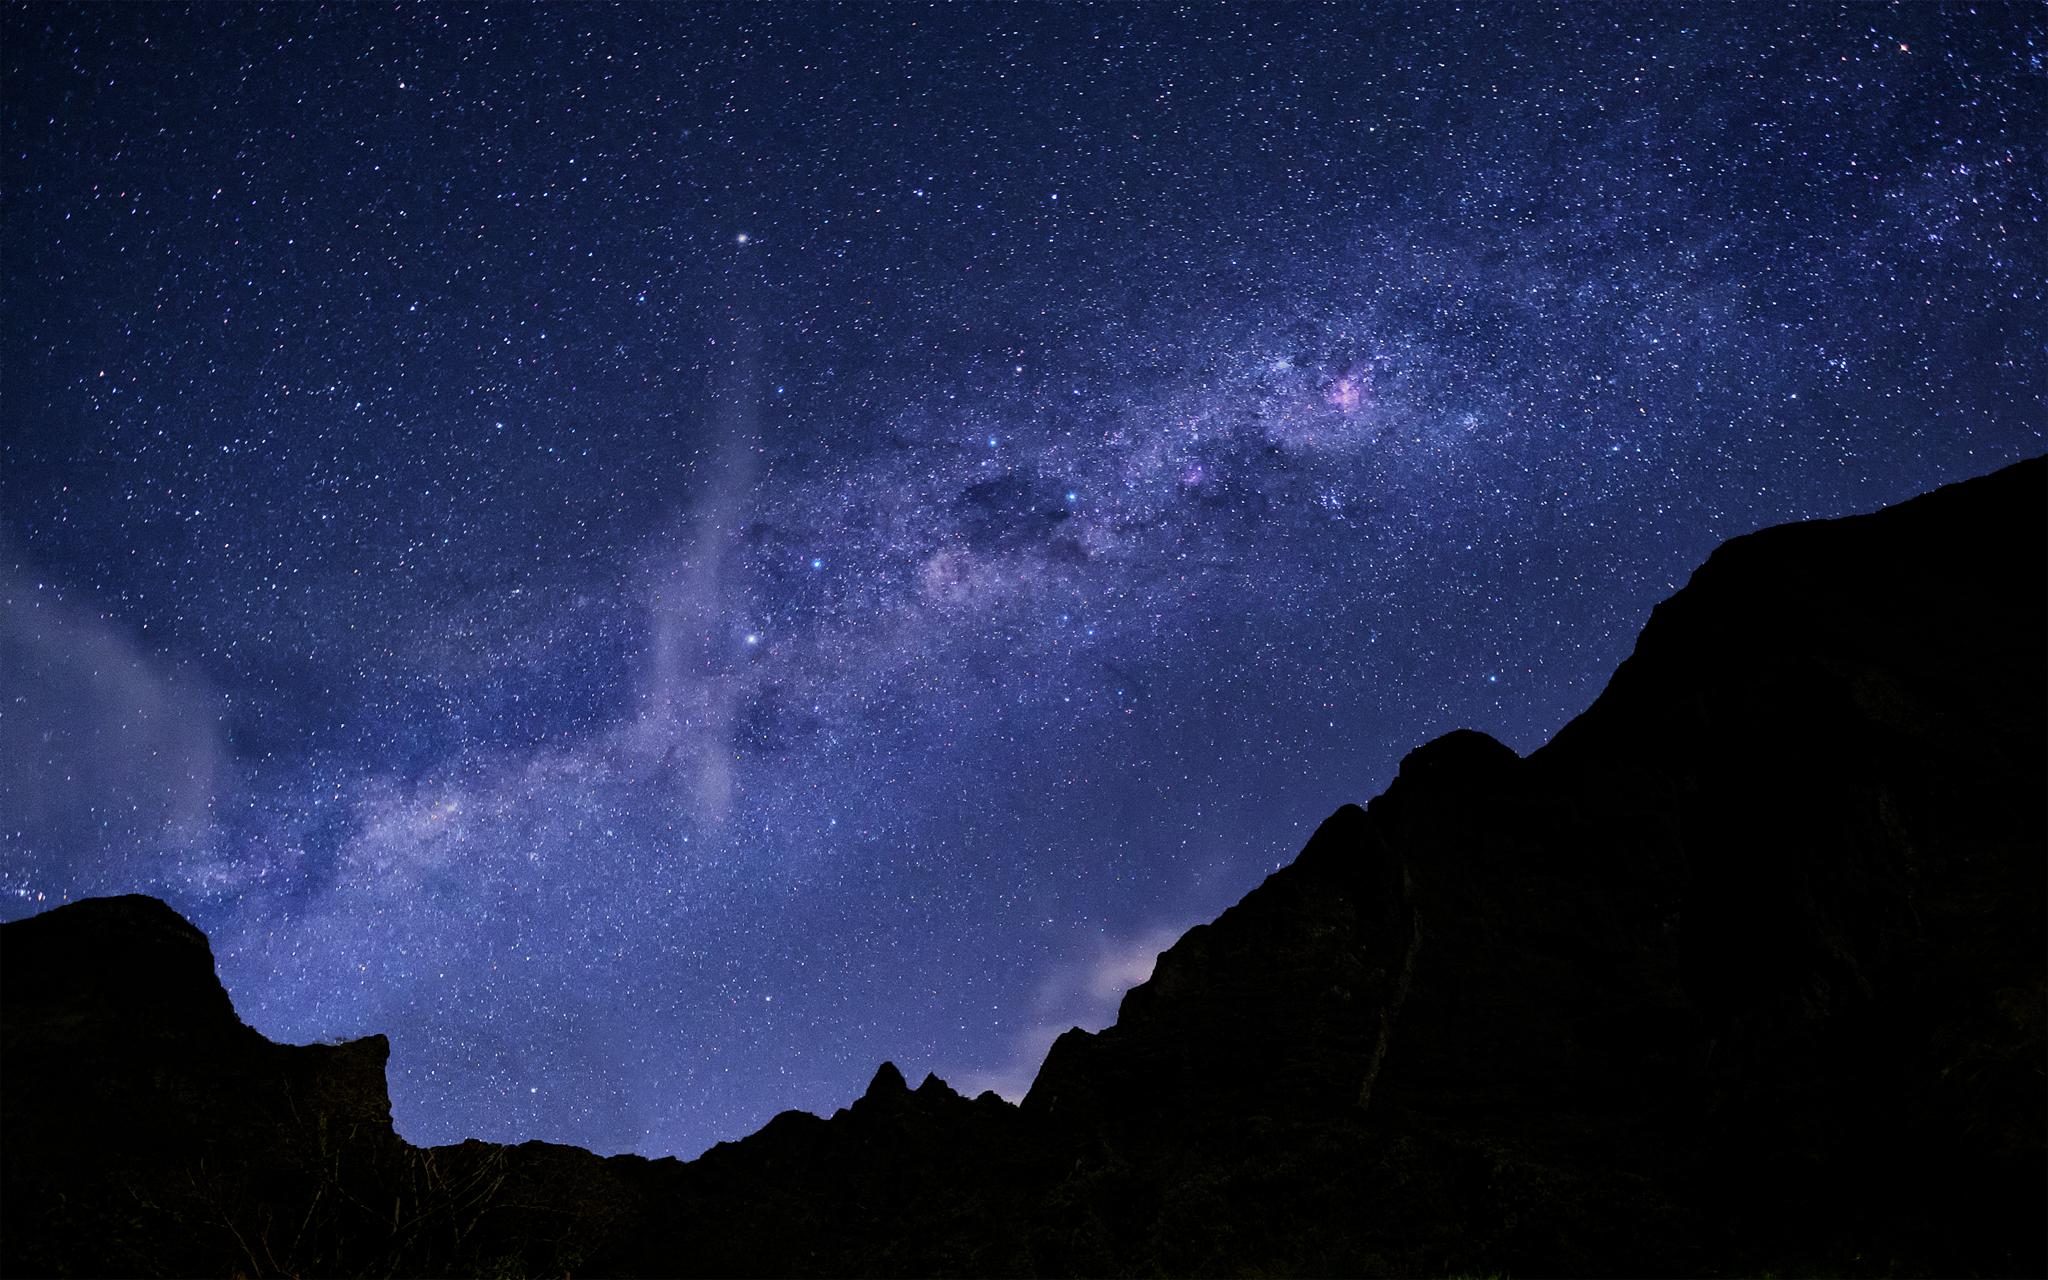 Le mode manuel est préconisé pour les photos de nuit.